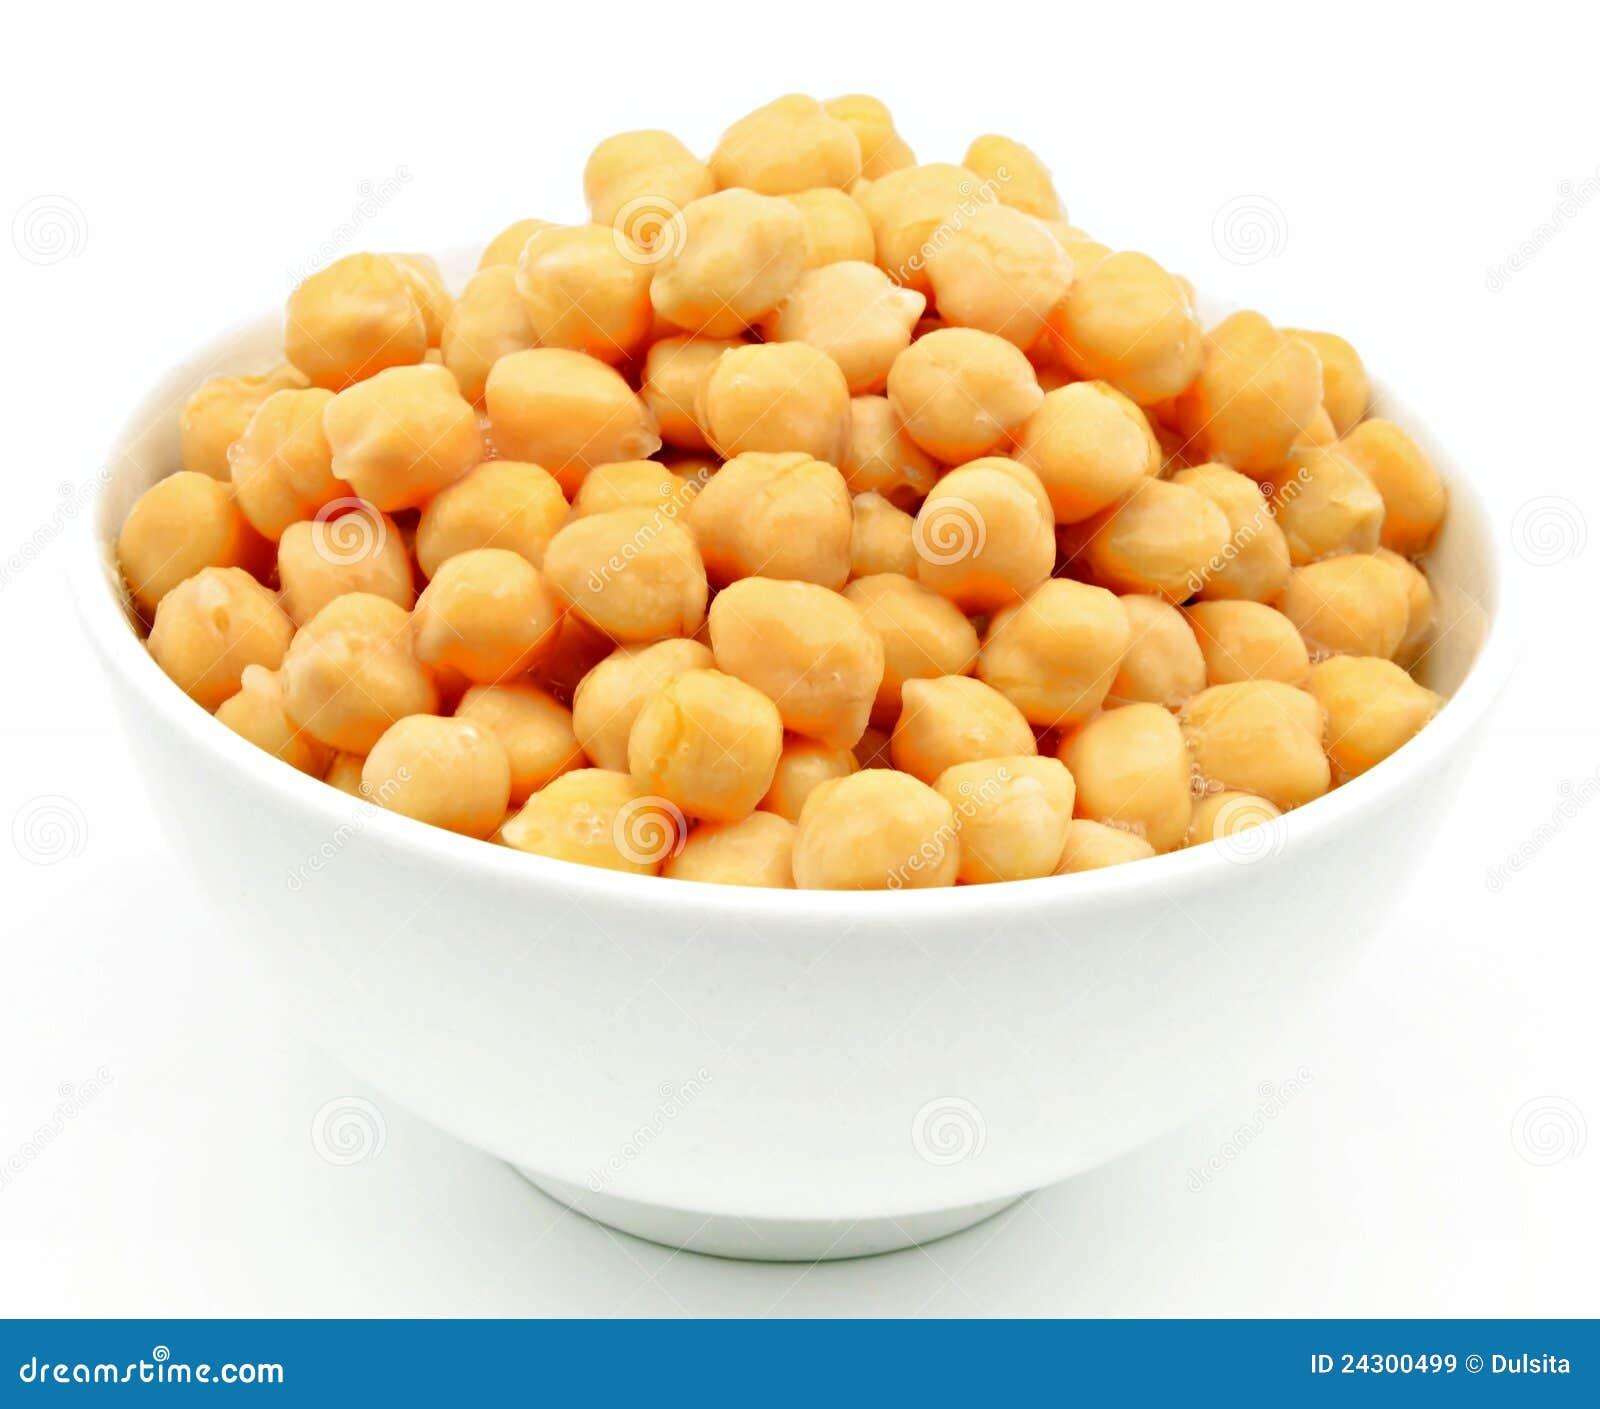 Max Natural Foods